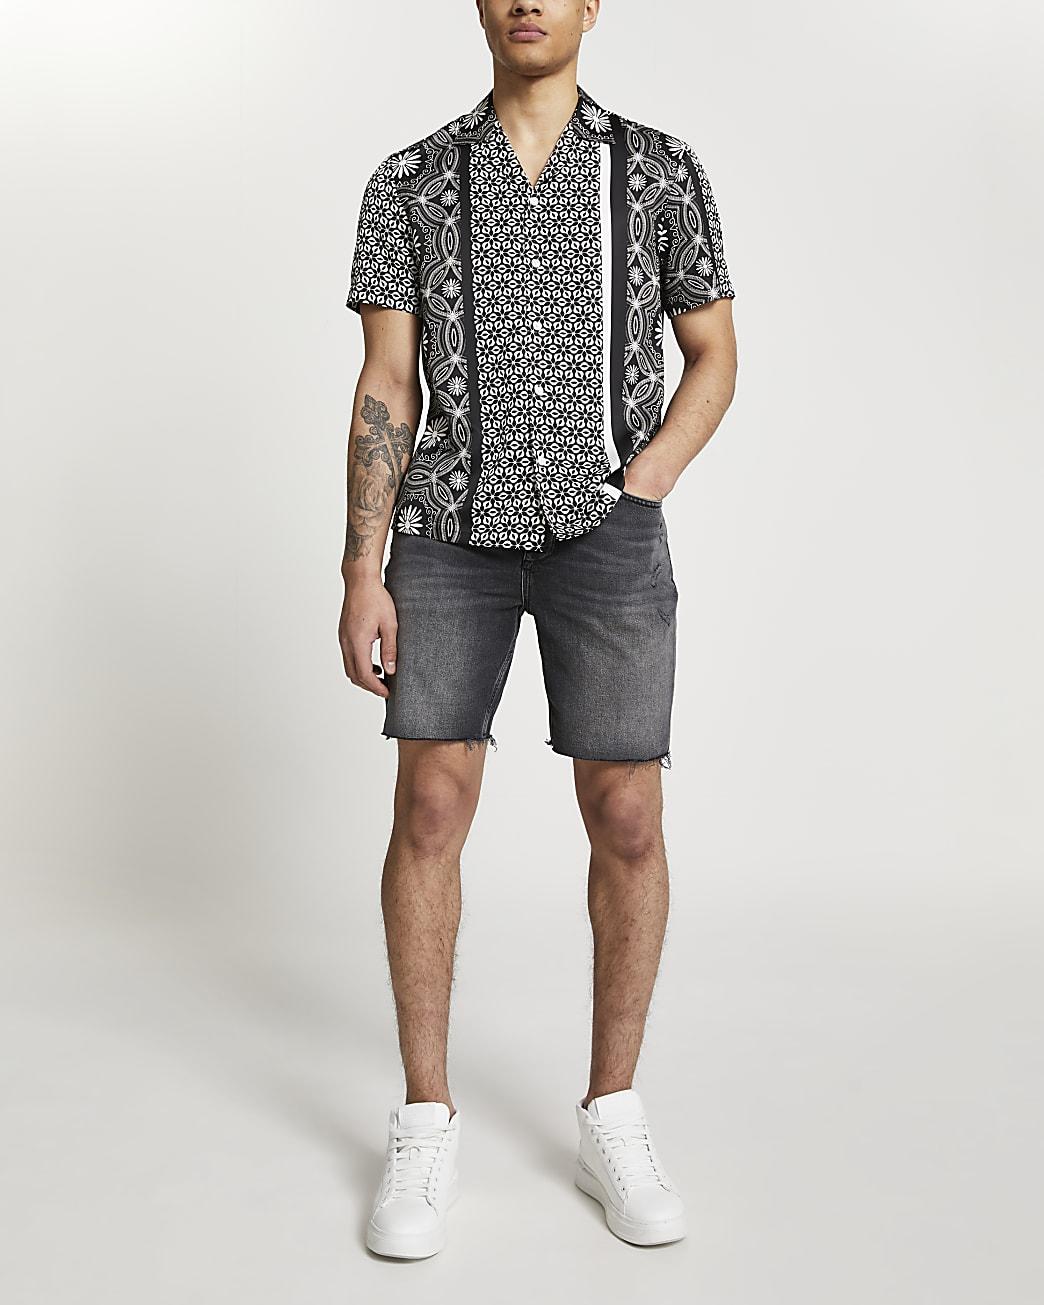 Black print revere short sleeve shirt